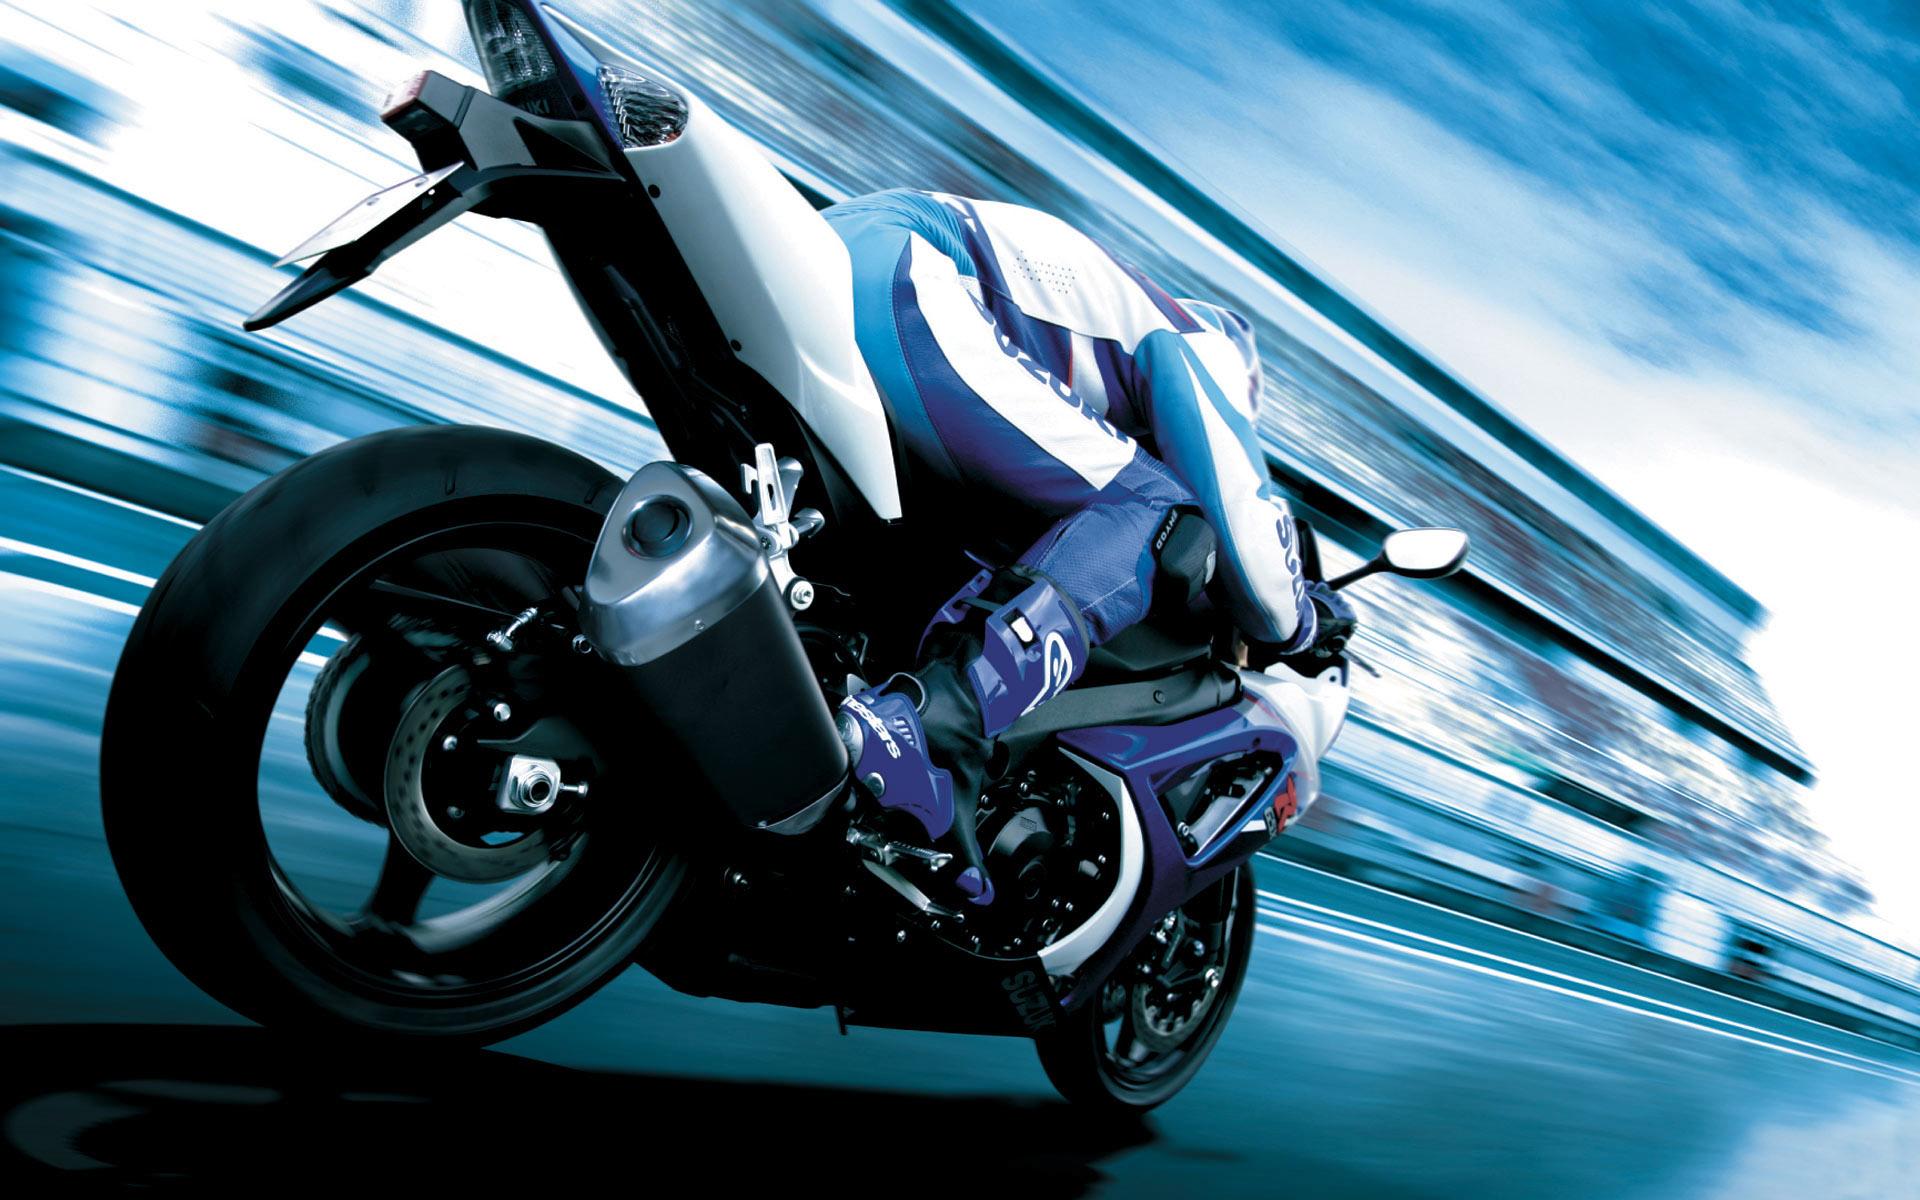 UKMOTO IMPORTATION MOTO ANGLETERRE 4 motorcycle 11 - GALLERIE FACEBOOK MOTO IMPORT MOTO UKMOTO